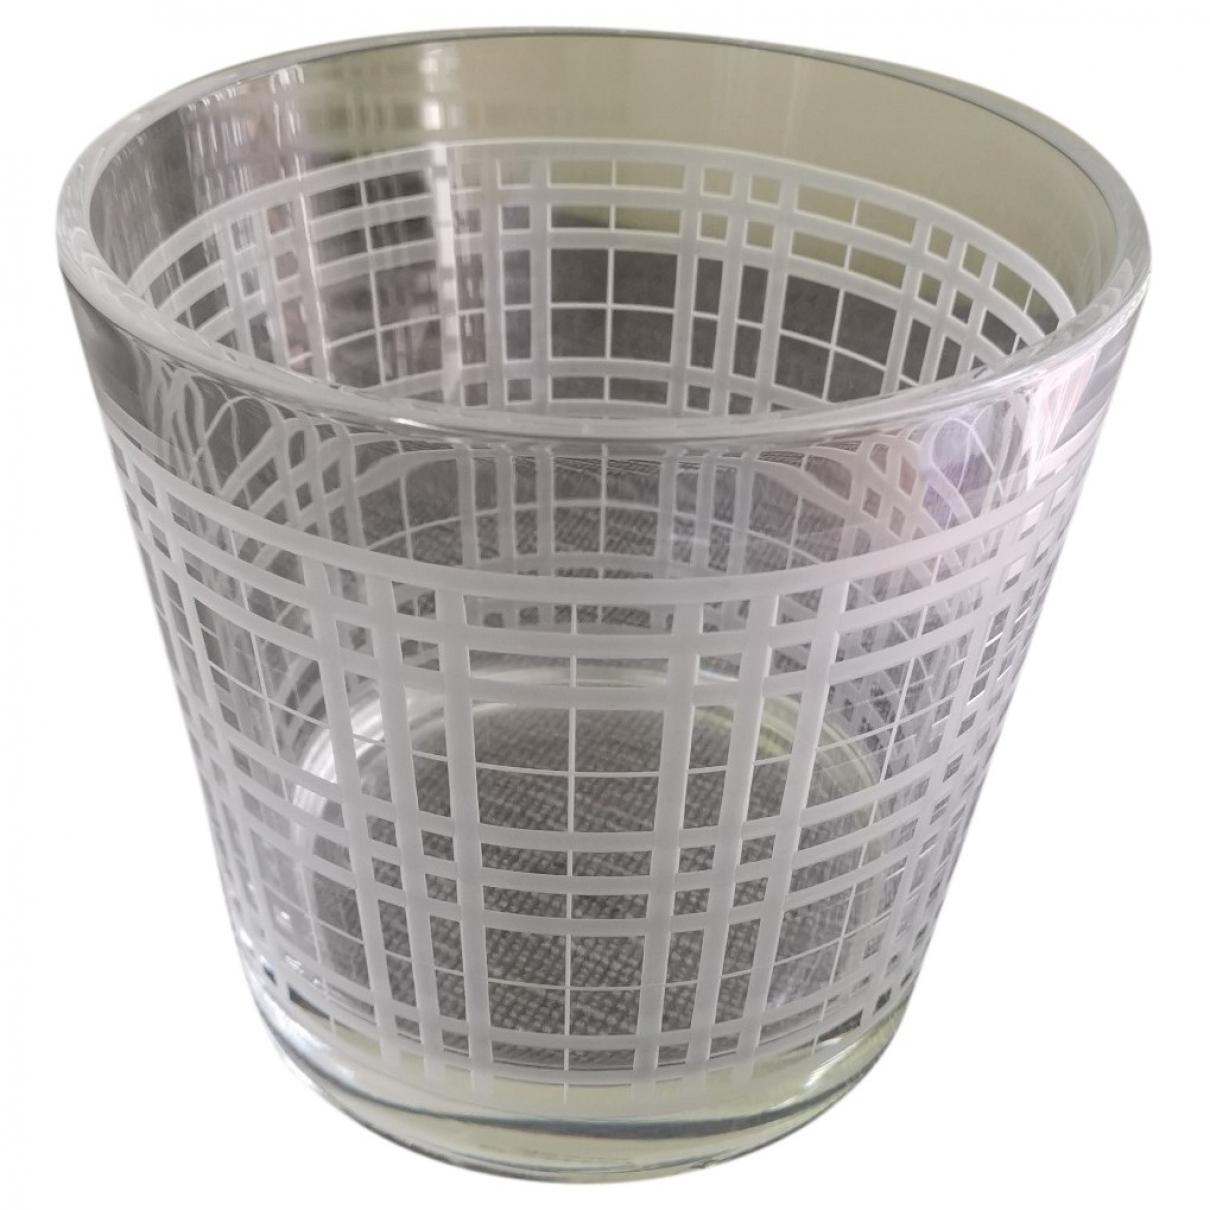 Burberry - Arts de la table   pour lifestyle en cristal - blanc